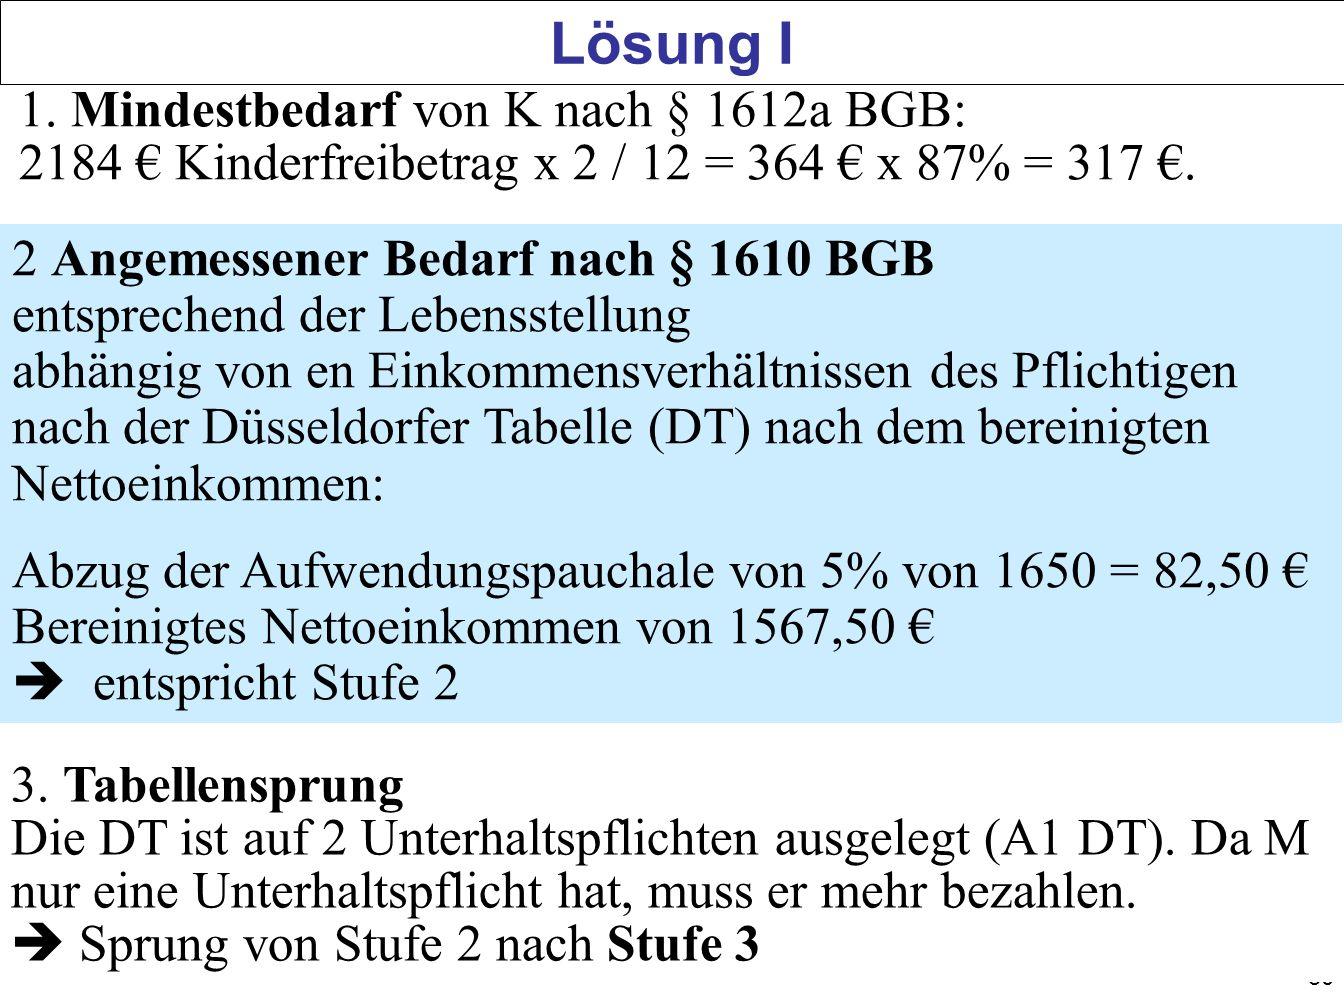 Lösung I 1. Mindestbedarf von K nach § 1612a BGB: 2184 € Kinderfreibetrag x 2 / 12 = 364 € x 87% = 317 €.